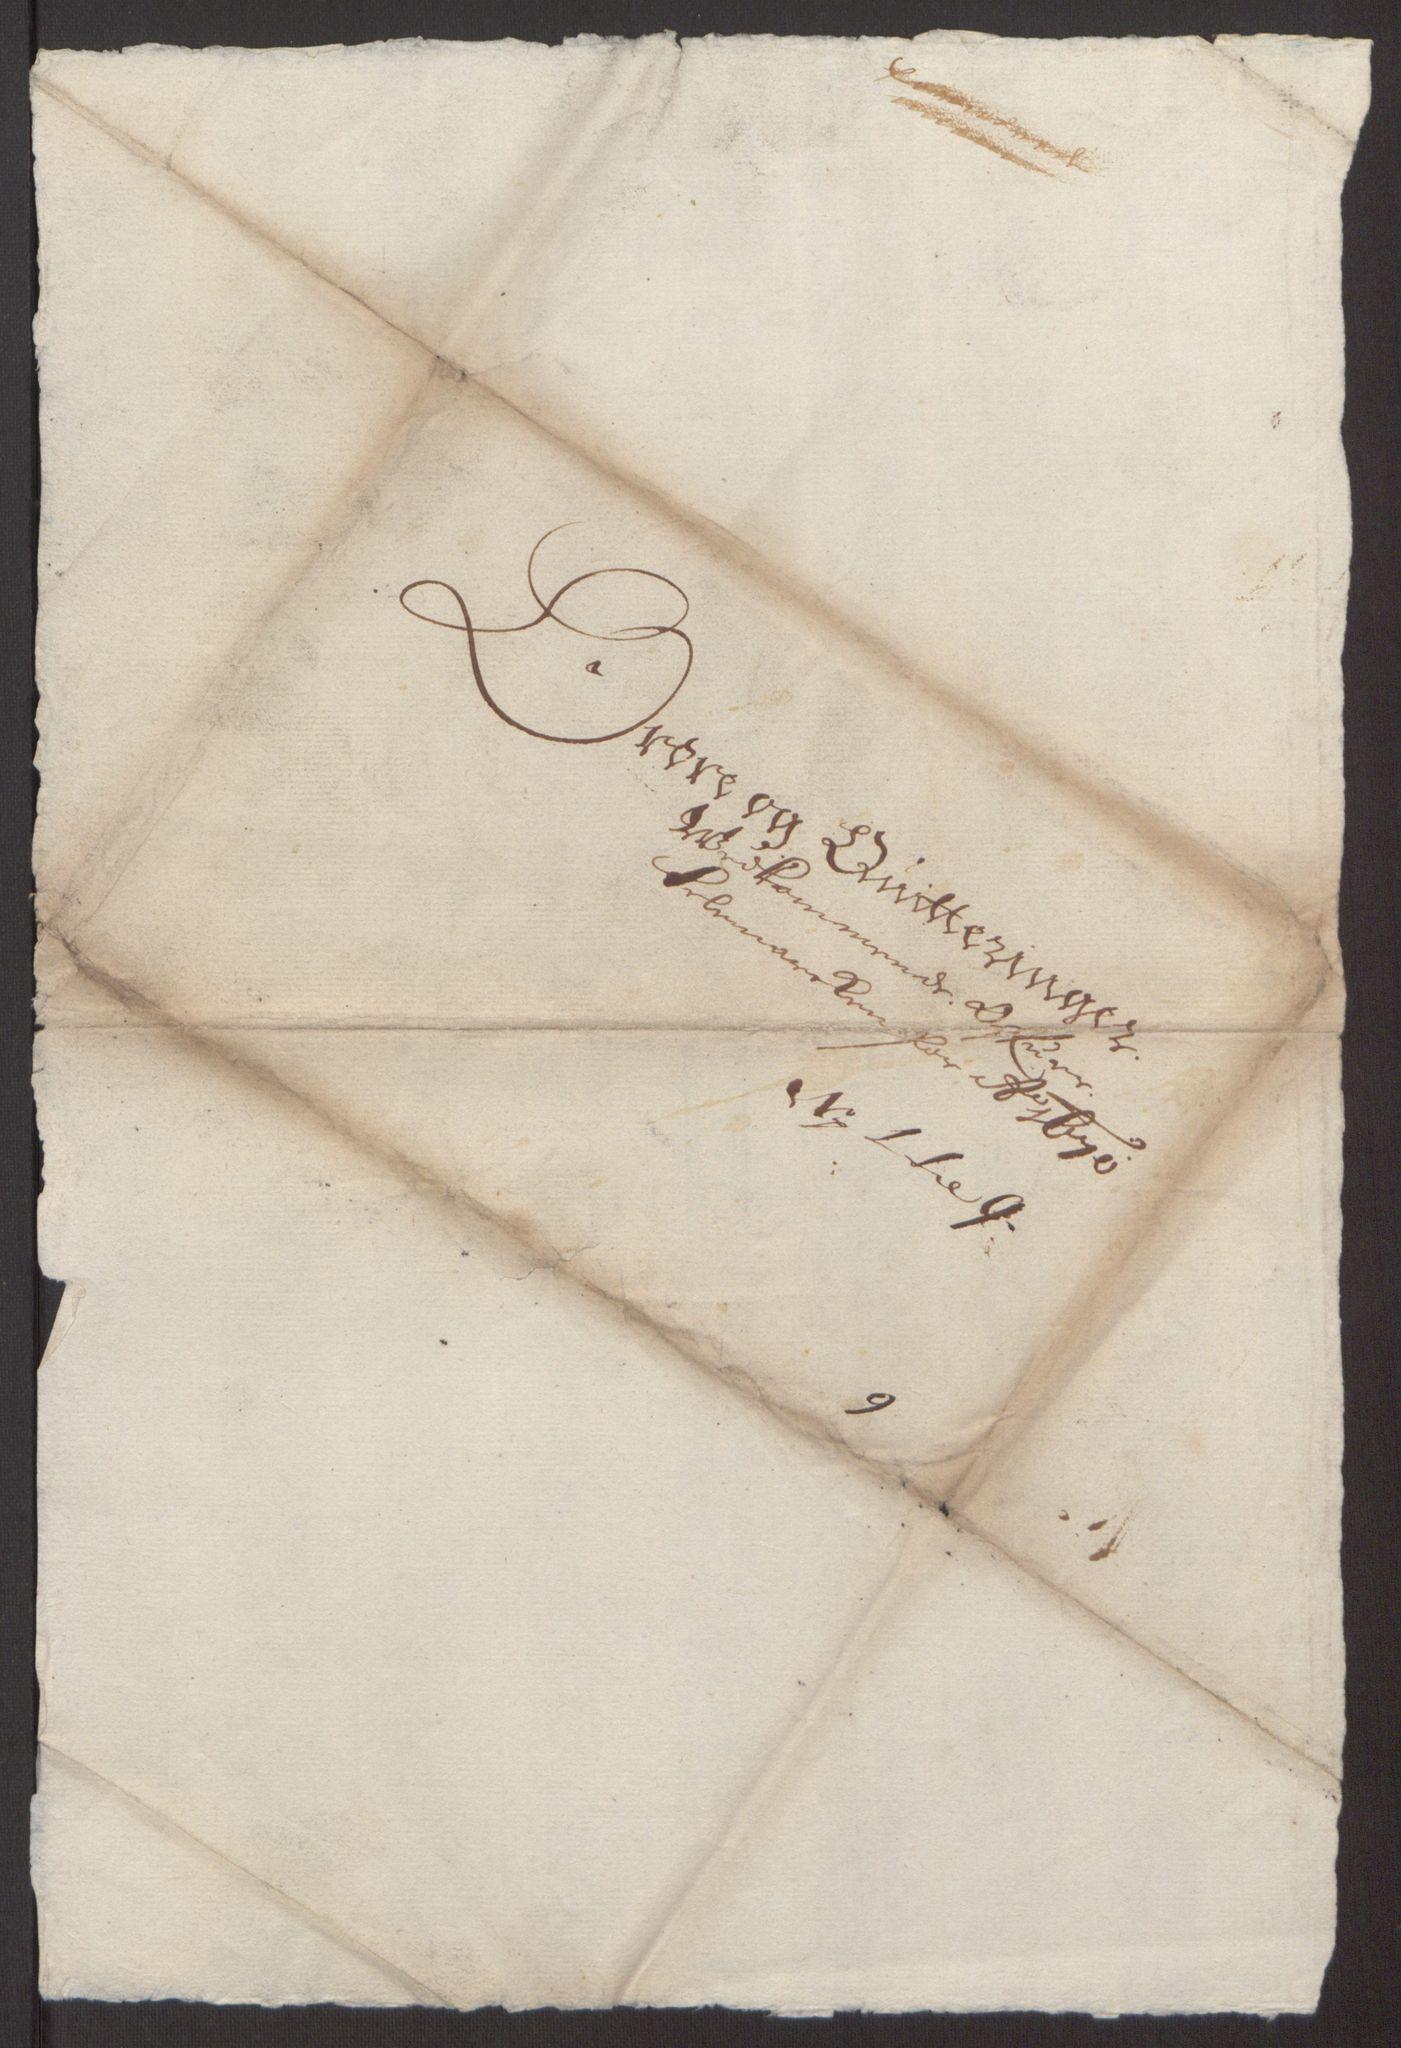 RA, Rentekammeret inntil 1814, Reviderte regnskaper, Fogderegnskap, R35/L2059: Fogderegnskap Øvre og Nedre Telemark, 1668-1670, s. 248